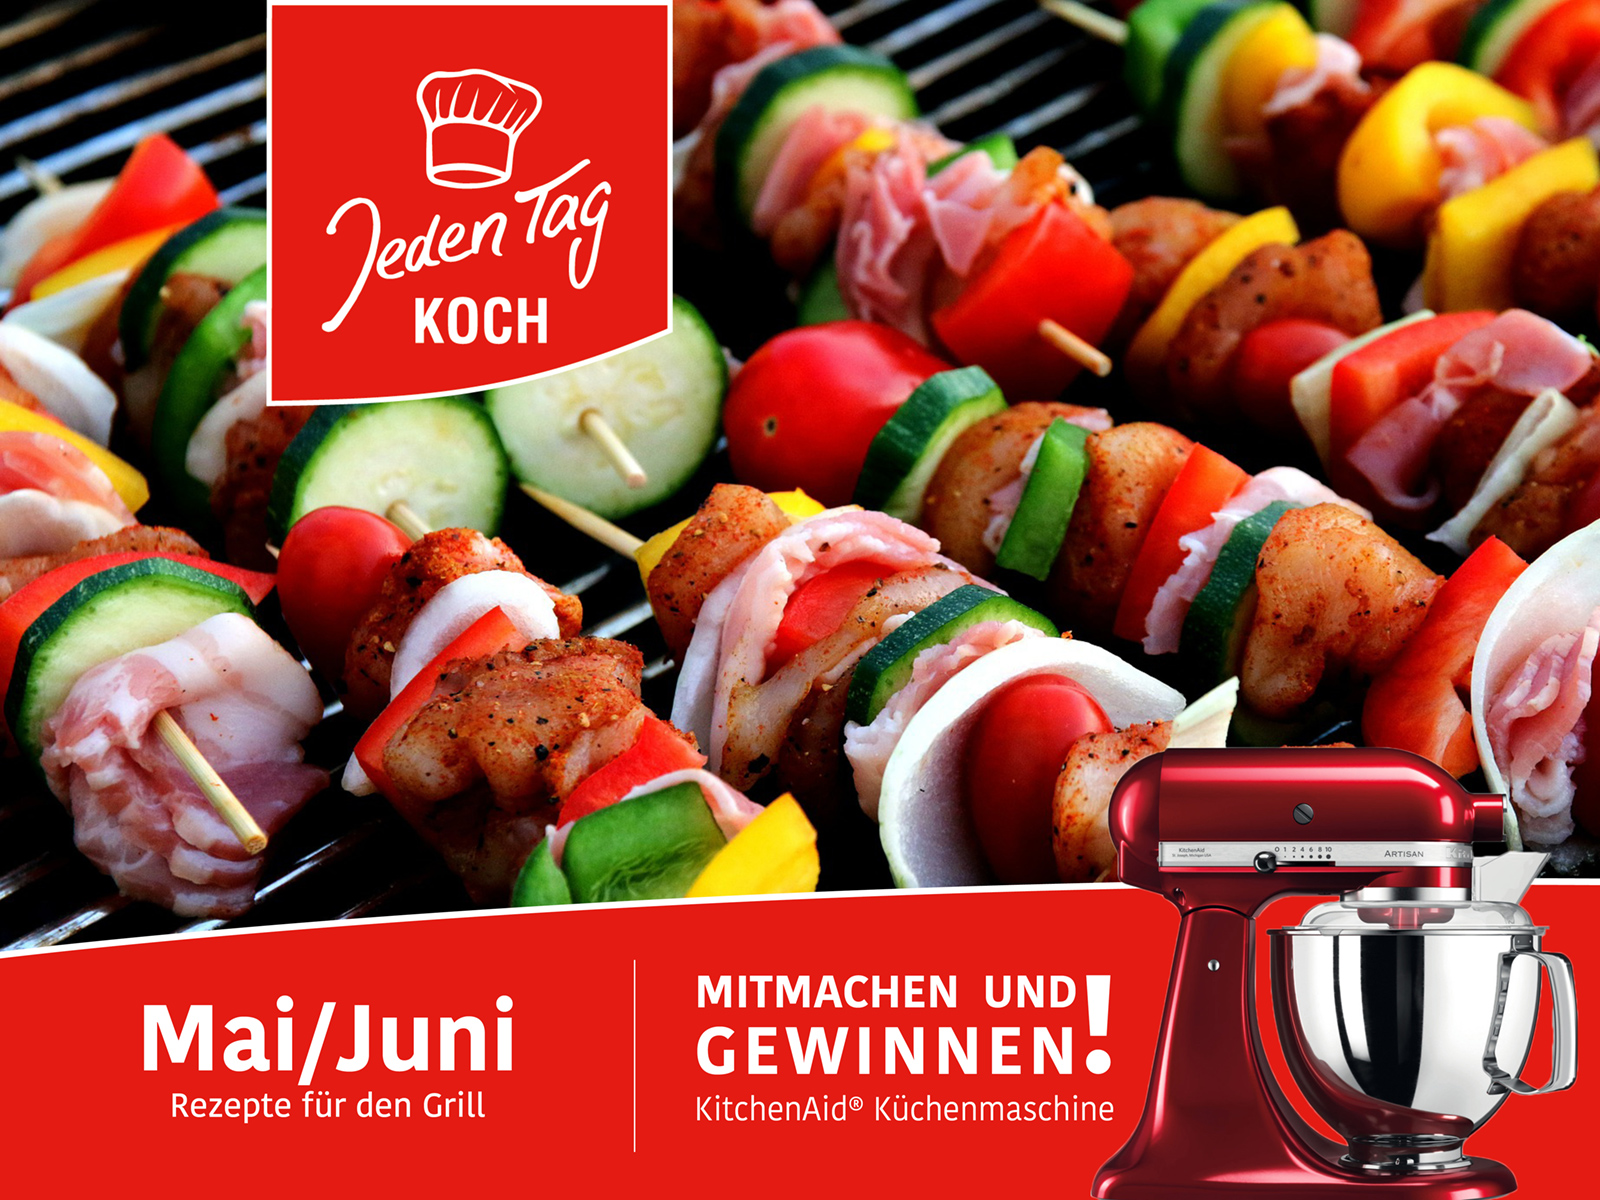 Jeden Tag Koch Gewinnspiel – Mai/Juni